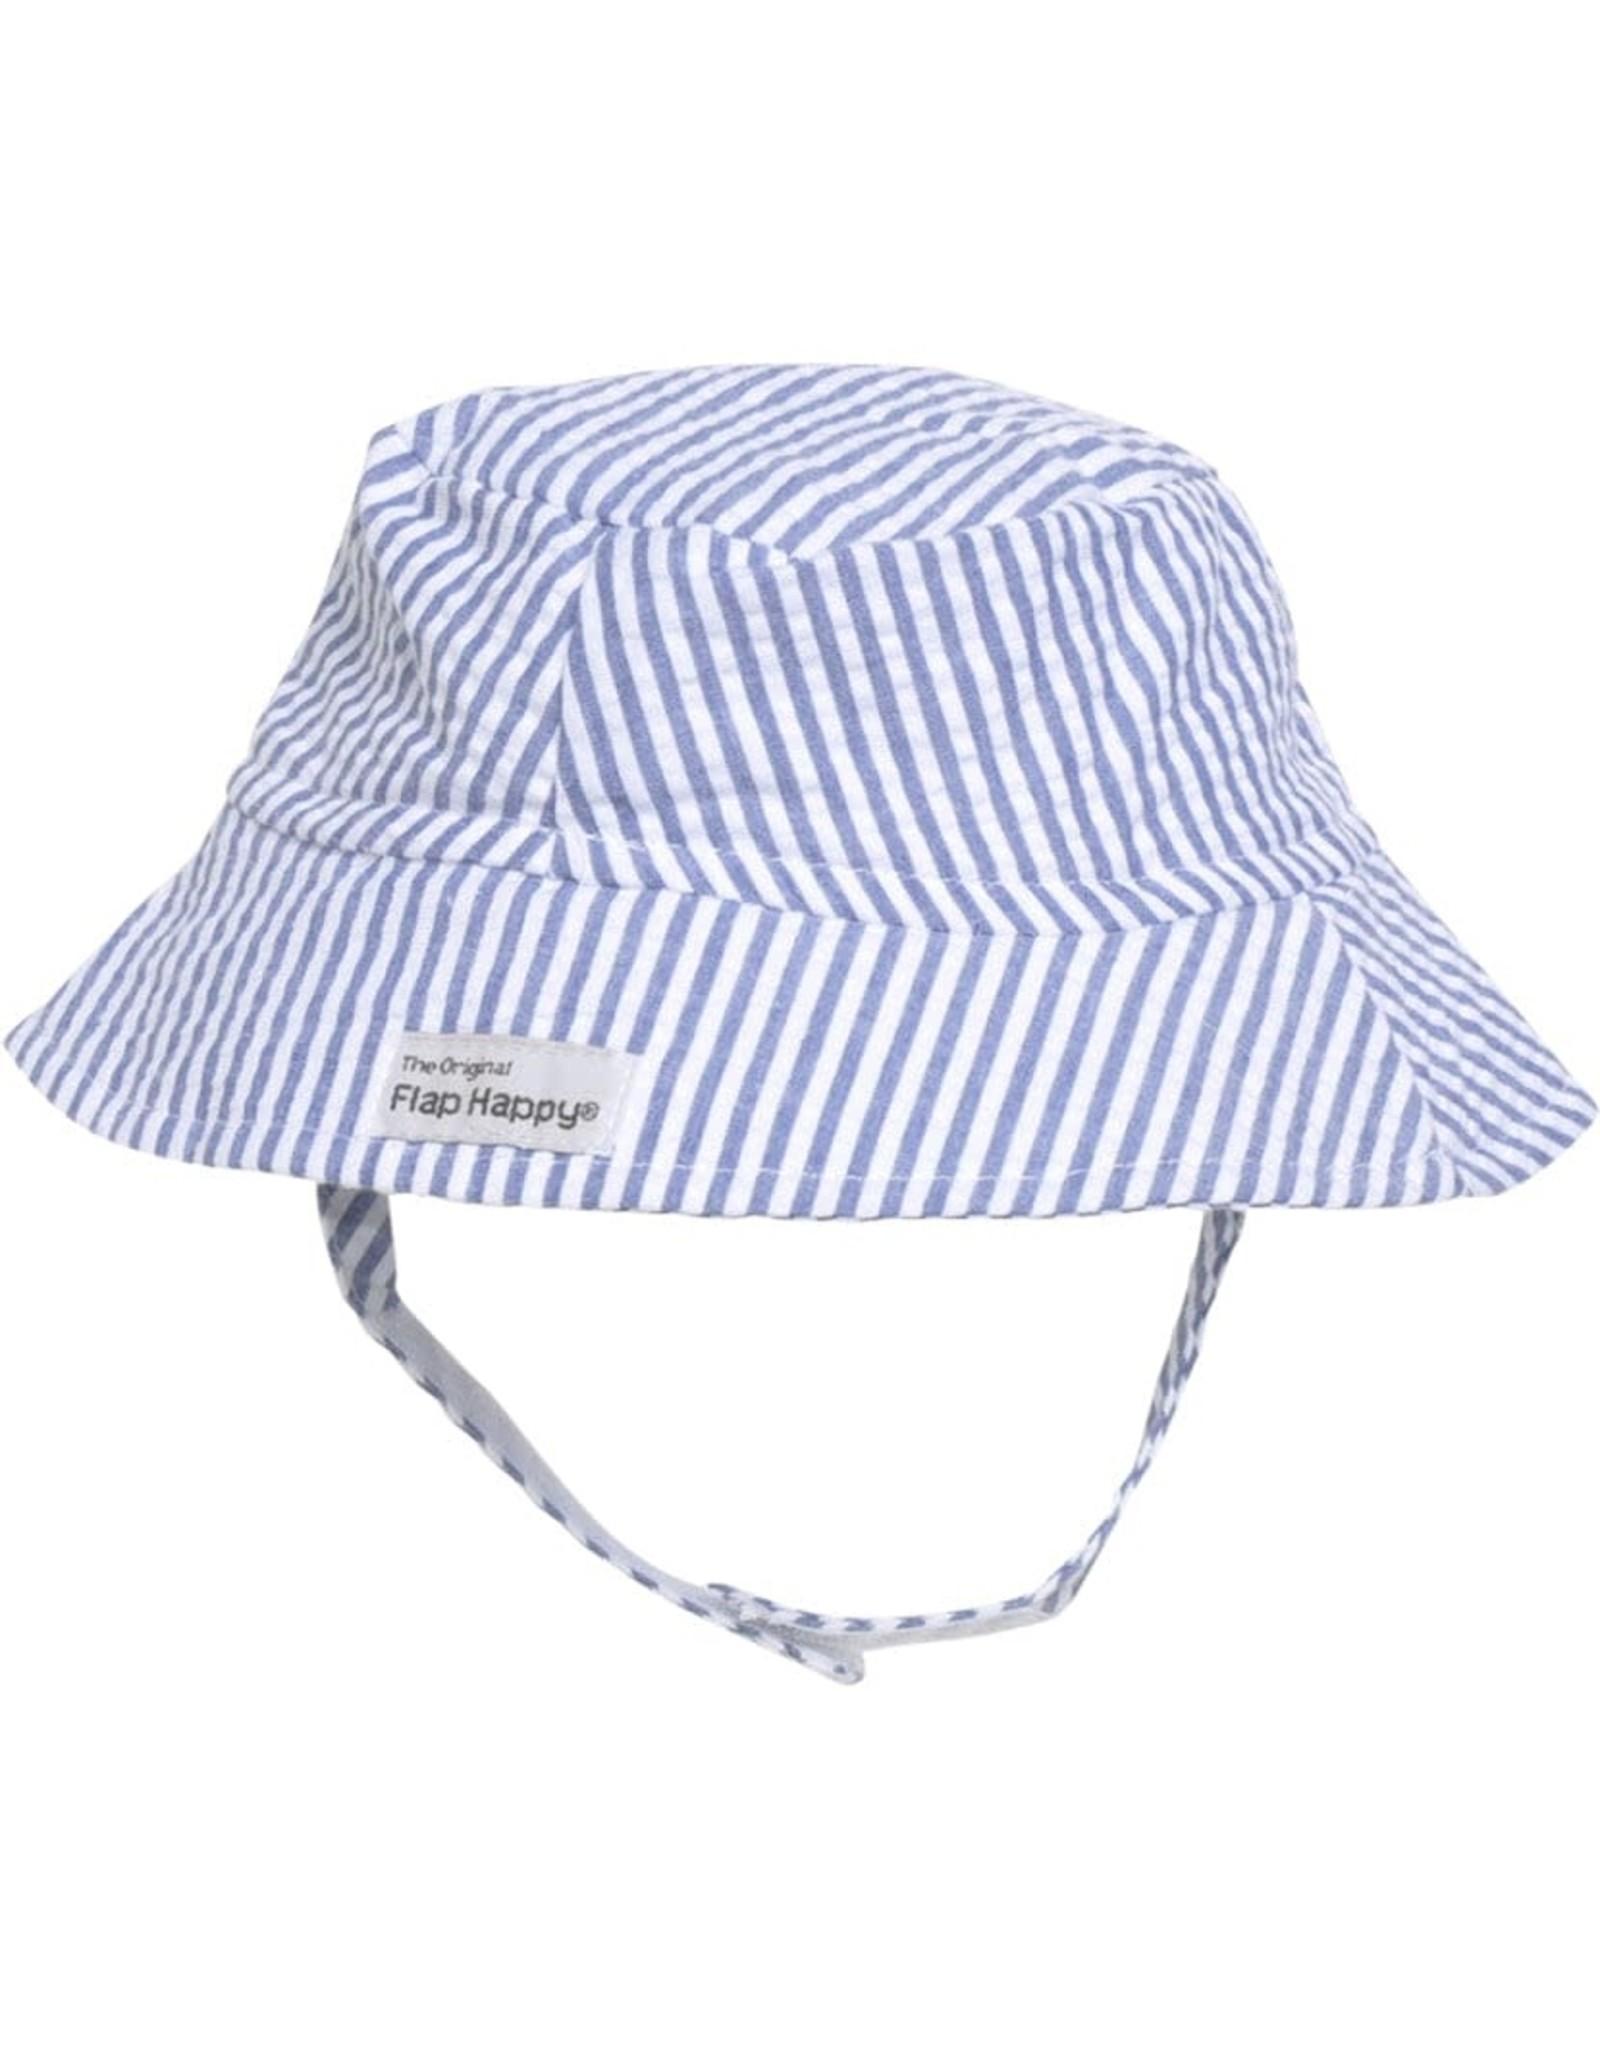 Flap Happy Bucket Hat Chambrey Seersucker